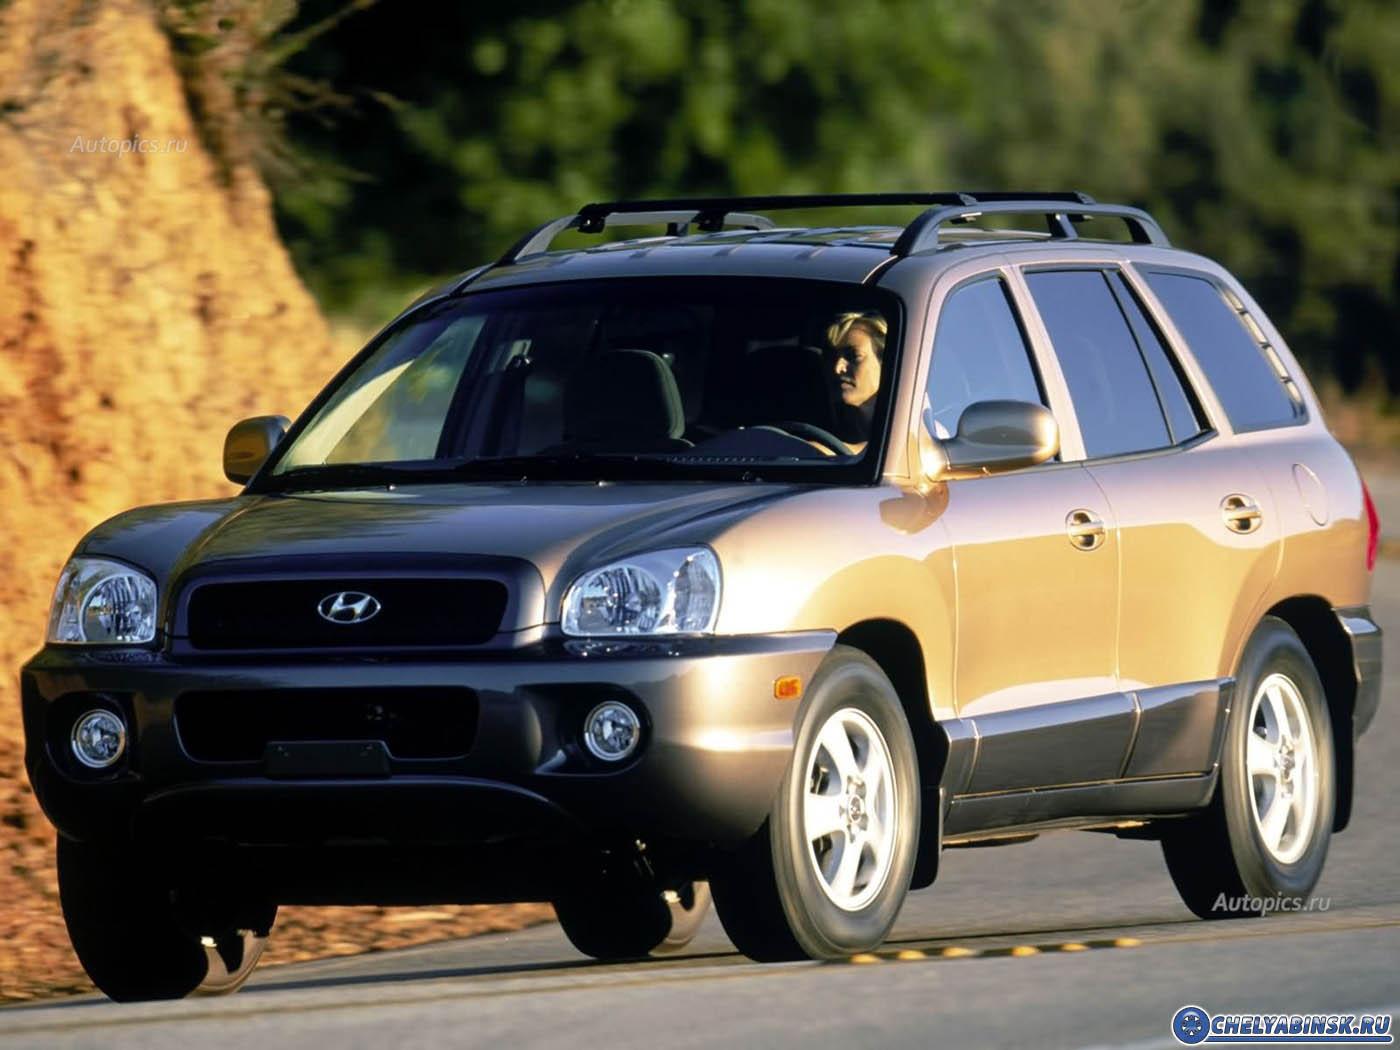 Hyundai Santa Fe 2.7i V6 24V 4WD